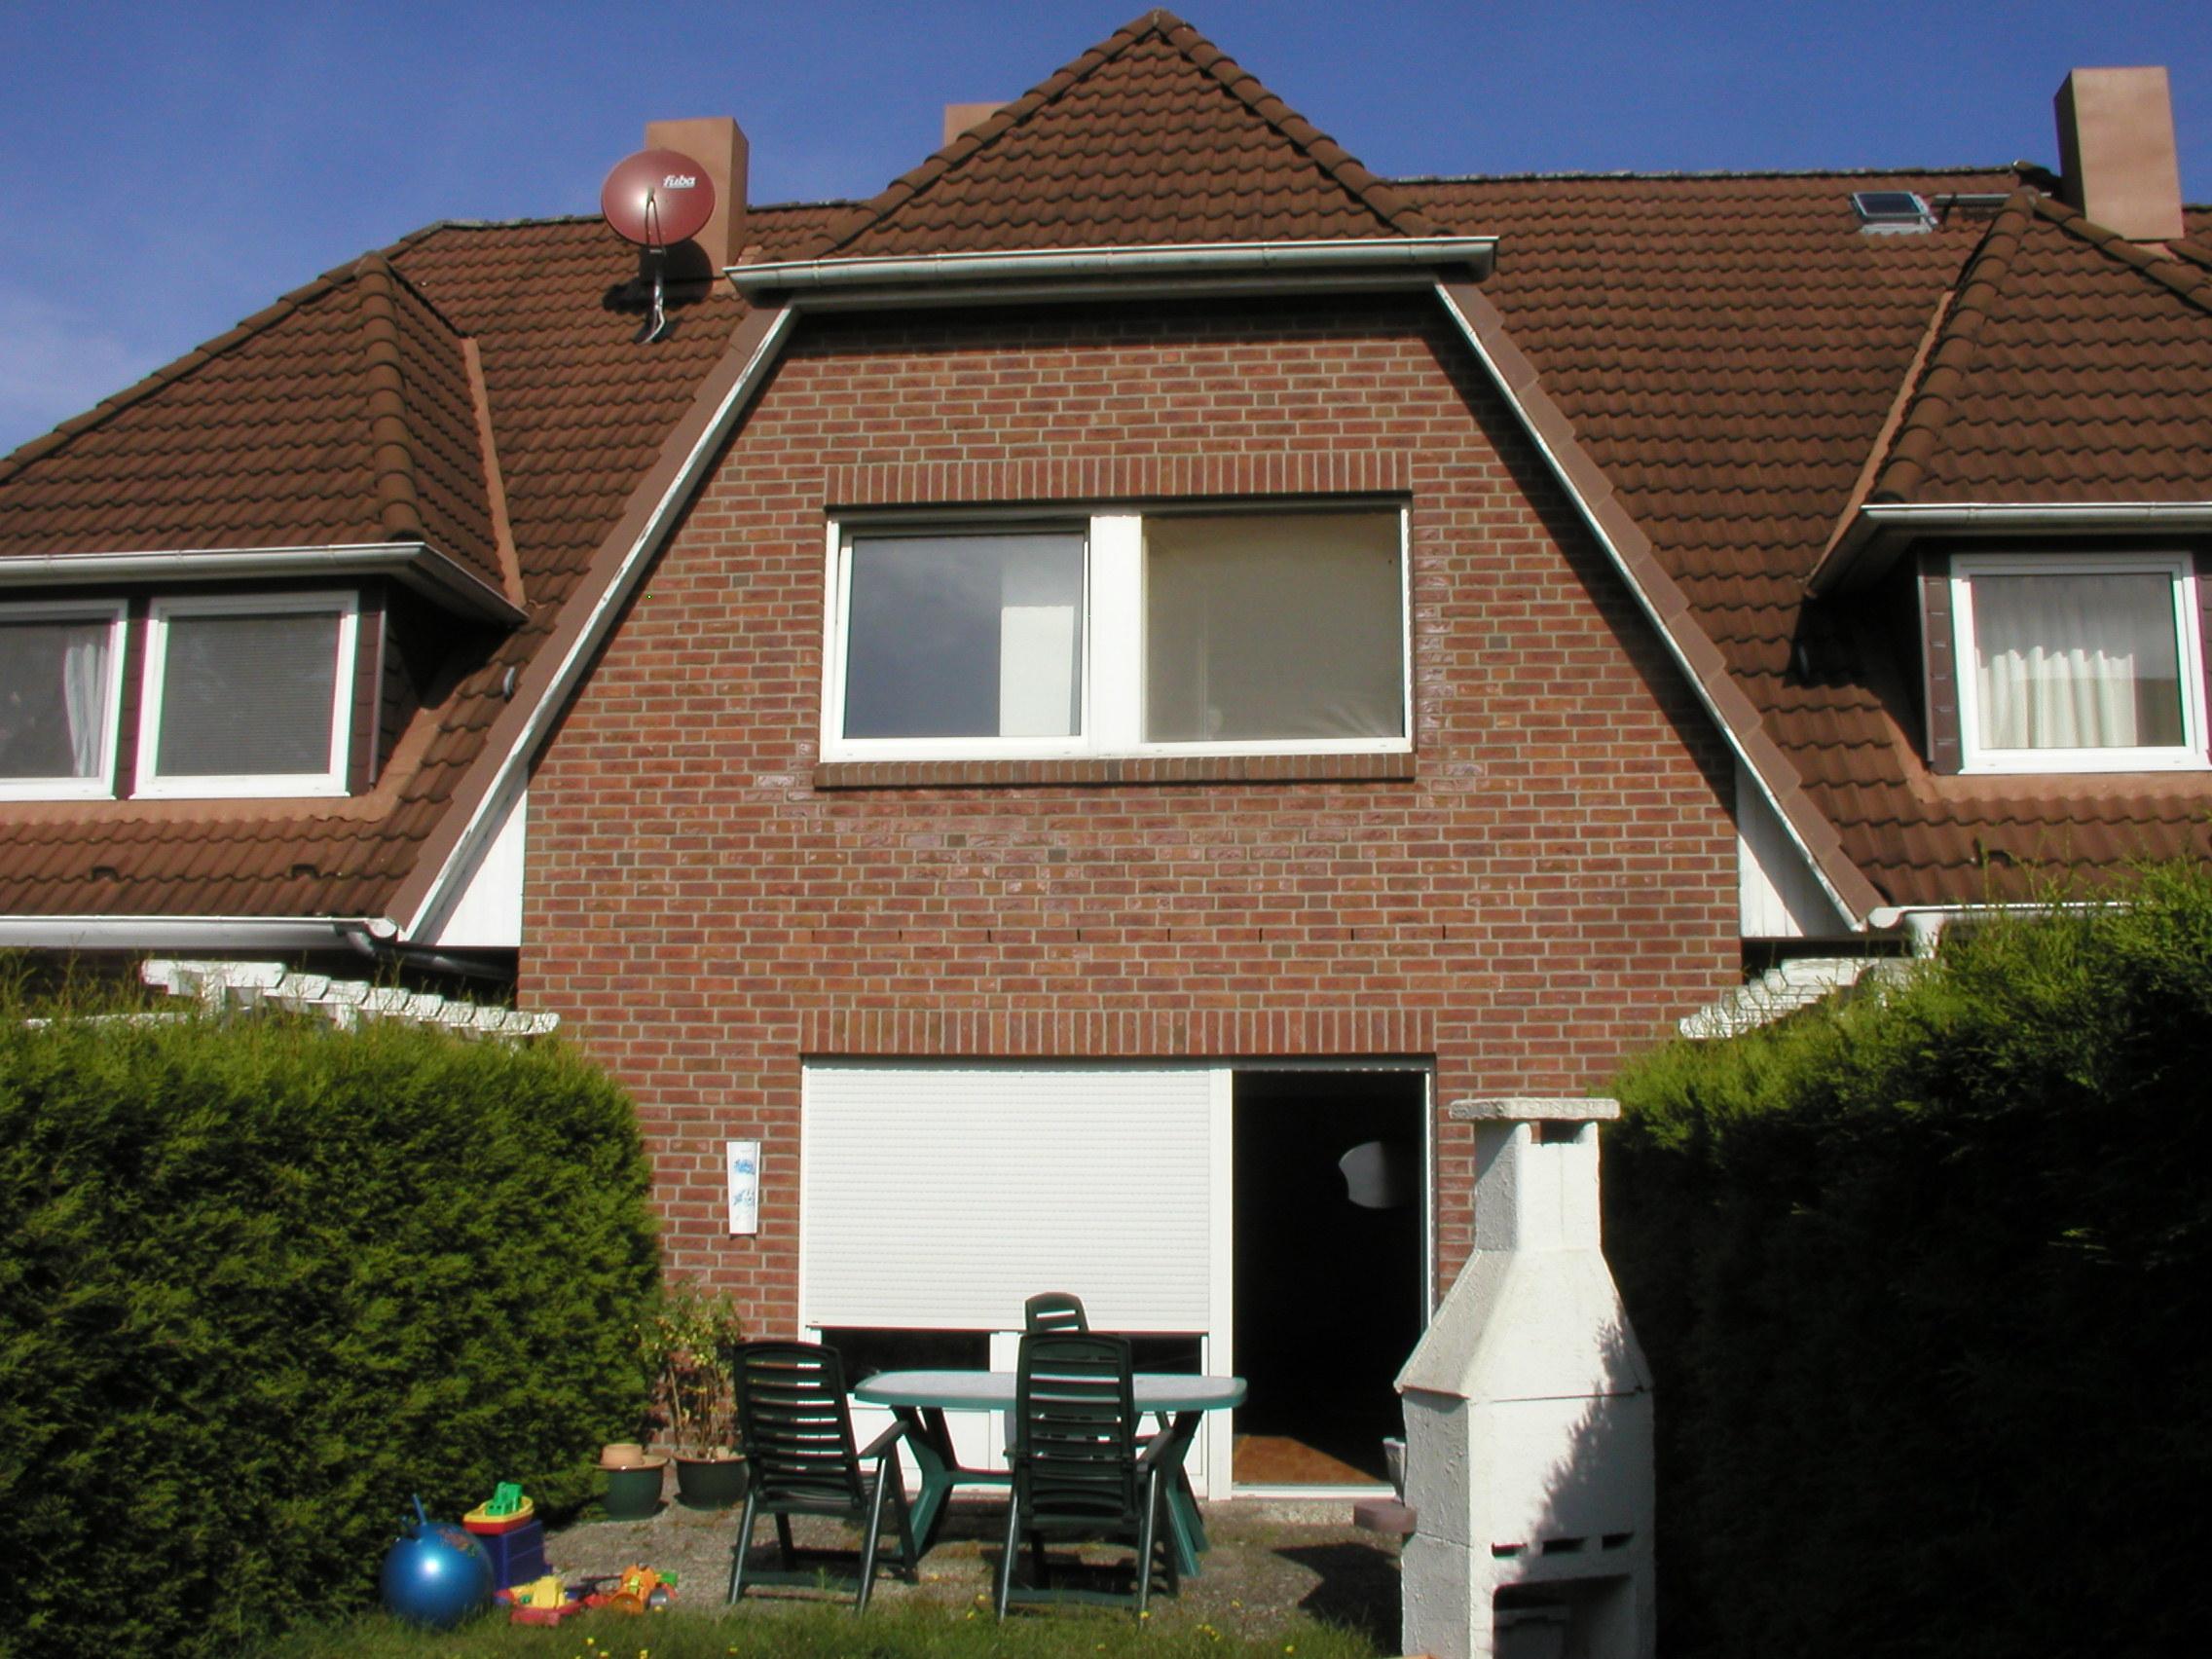 Einfamilienhaus mit Klinker